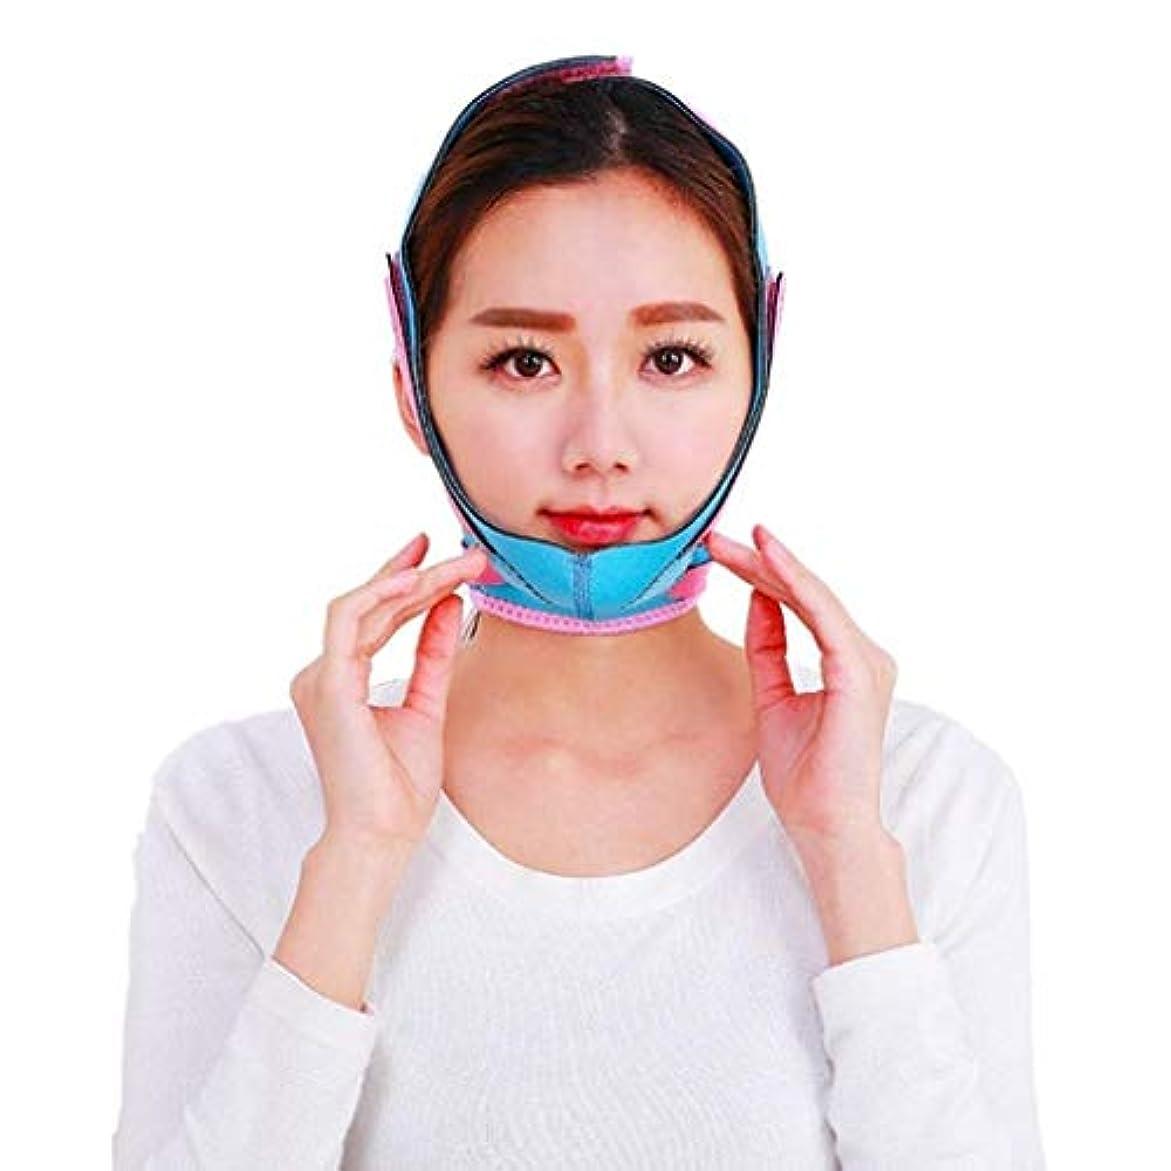 彼女の一般的に言えばピアースVフェイスラインベルトチンチークスリムリフトアップアンチリンクルマスク超薄型ストラップバンドVフェイスラインベルトストラップバンド通気性